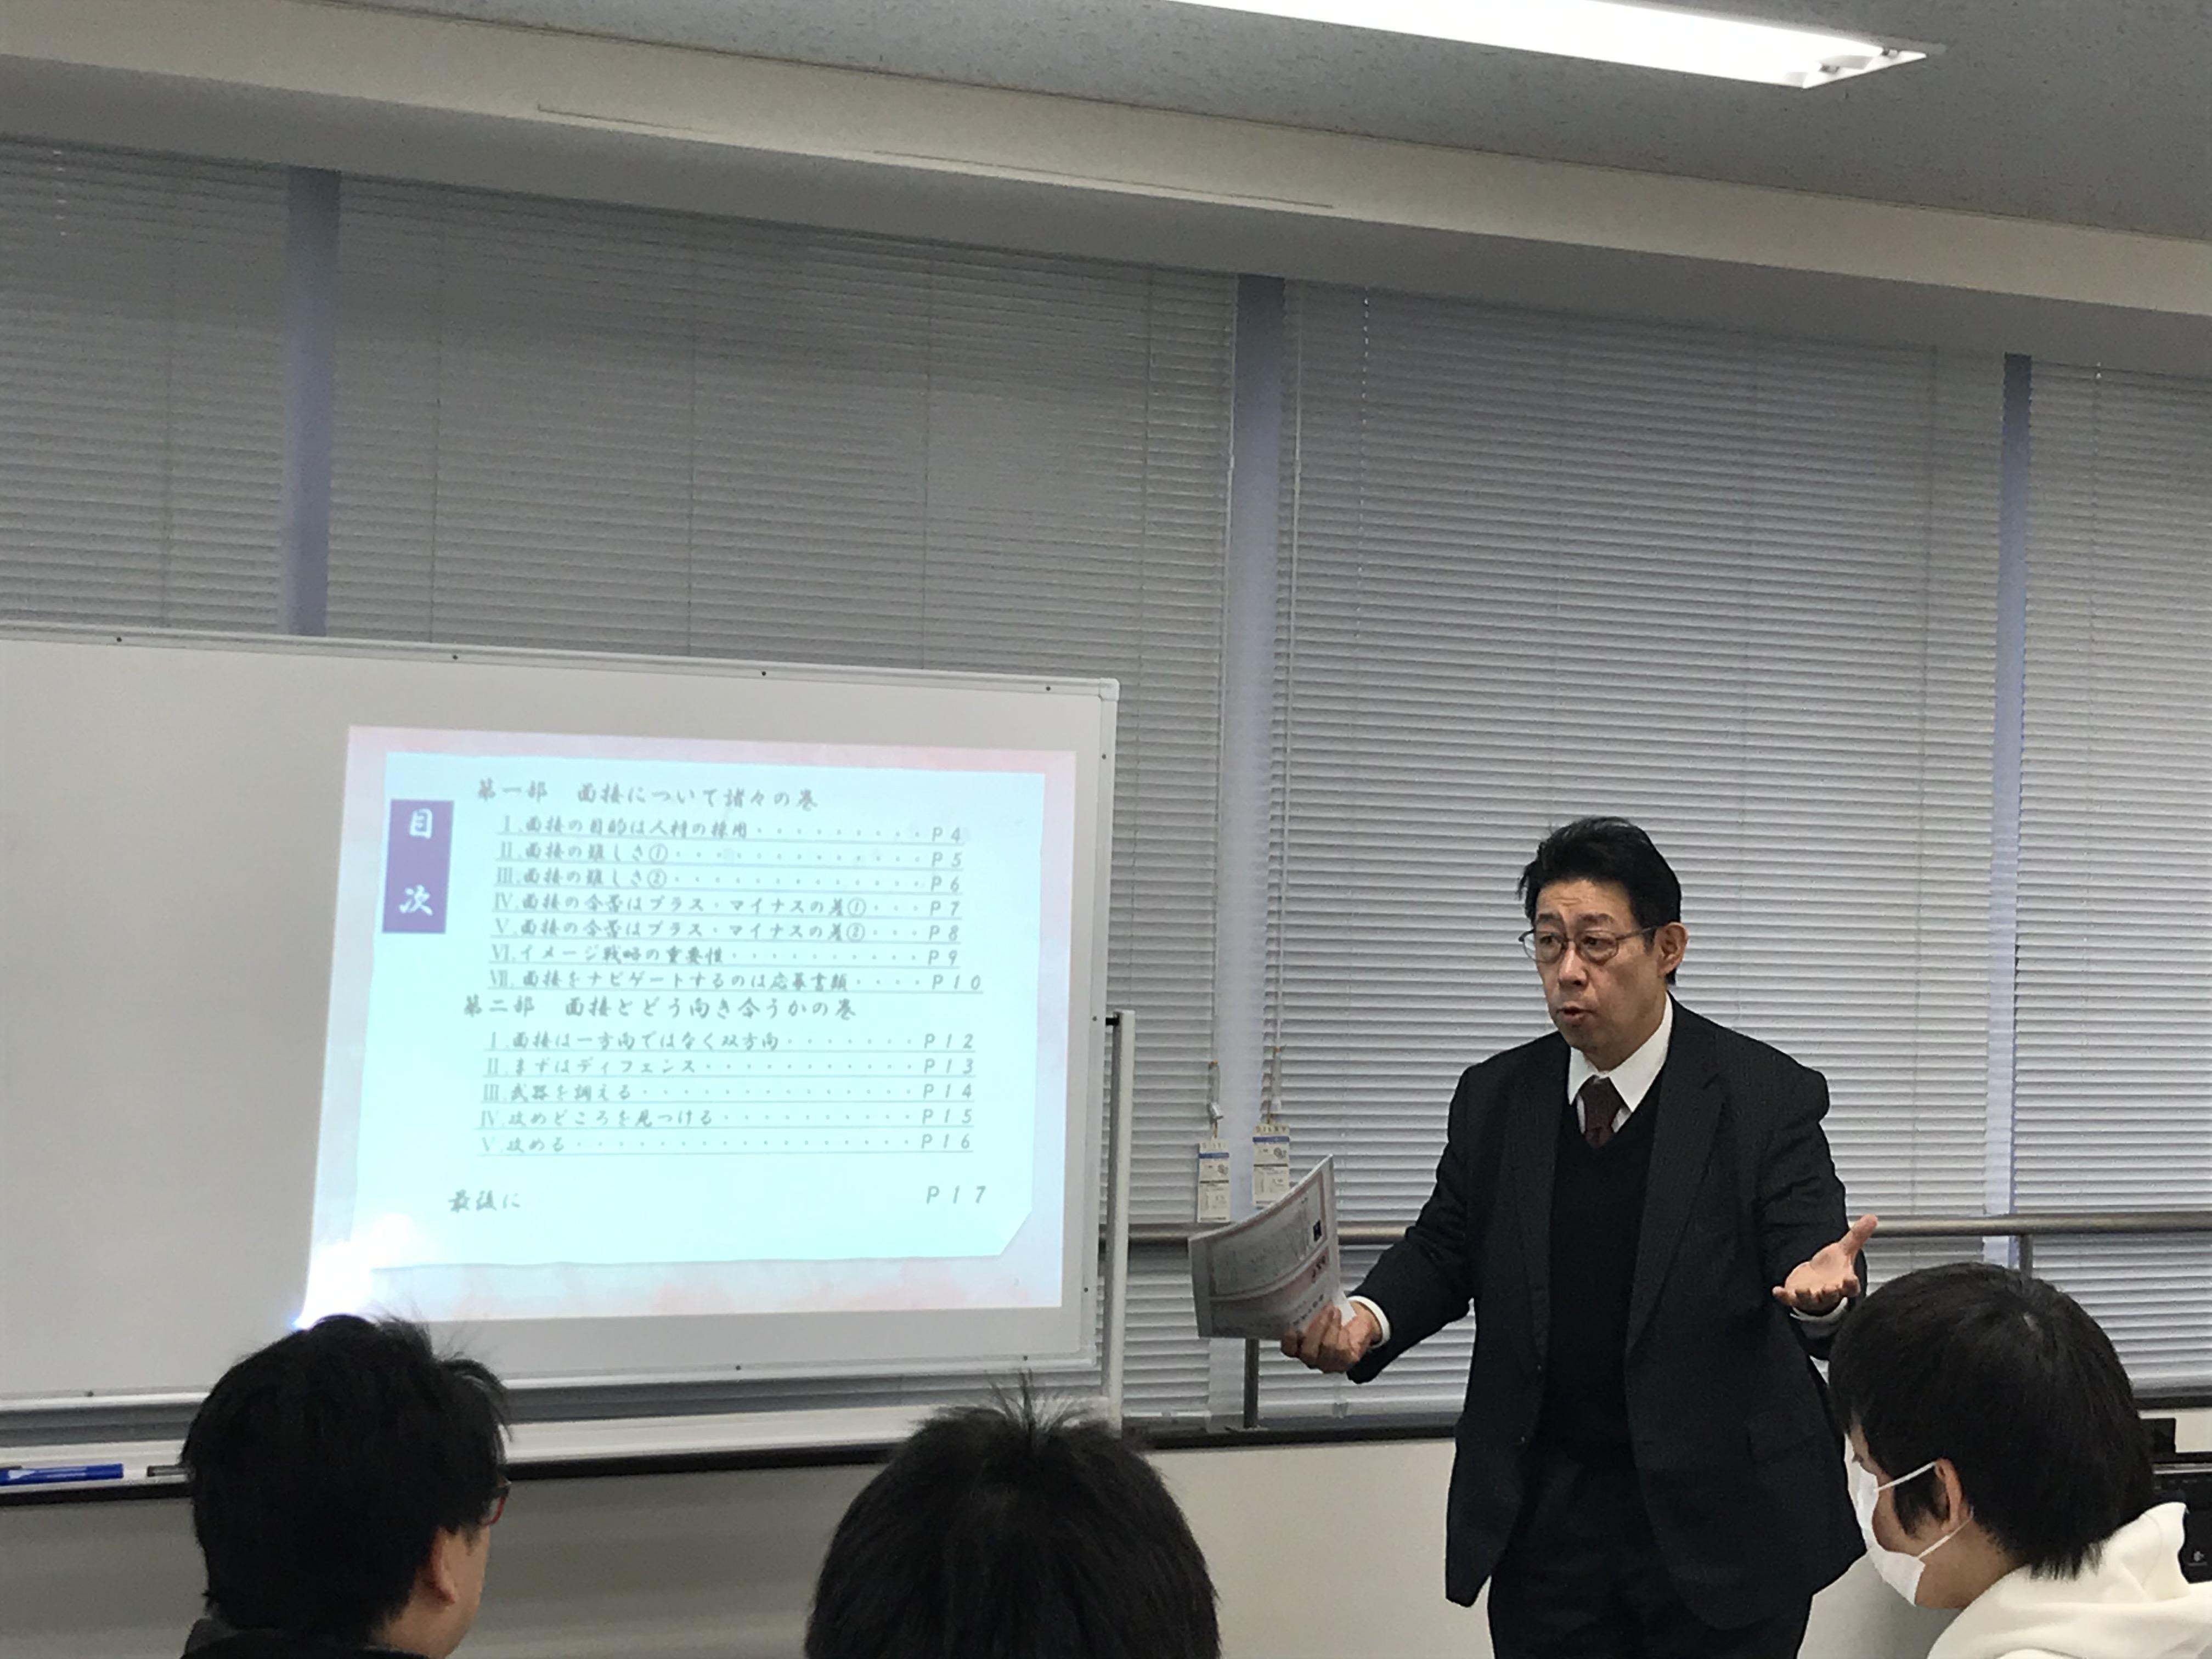 【スターティアウィル】就労移行支援事業所ディーキャリア船橋オフィスでスターティアウィルの代表取締役、飯田和一の講演会を開催しました。